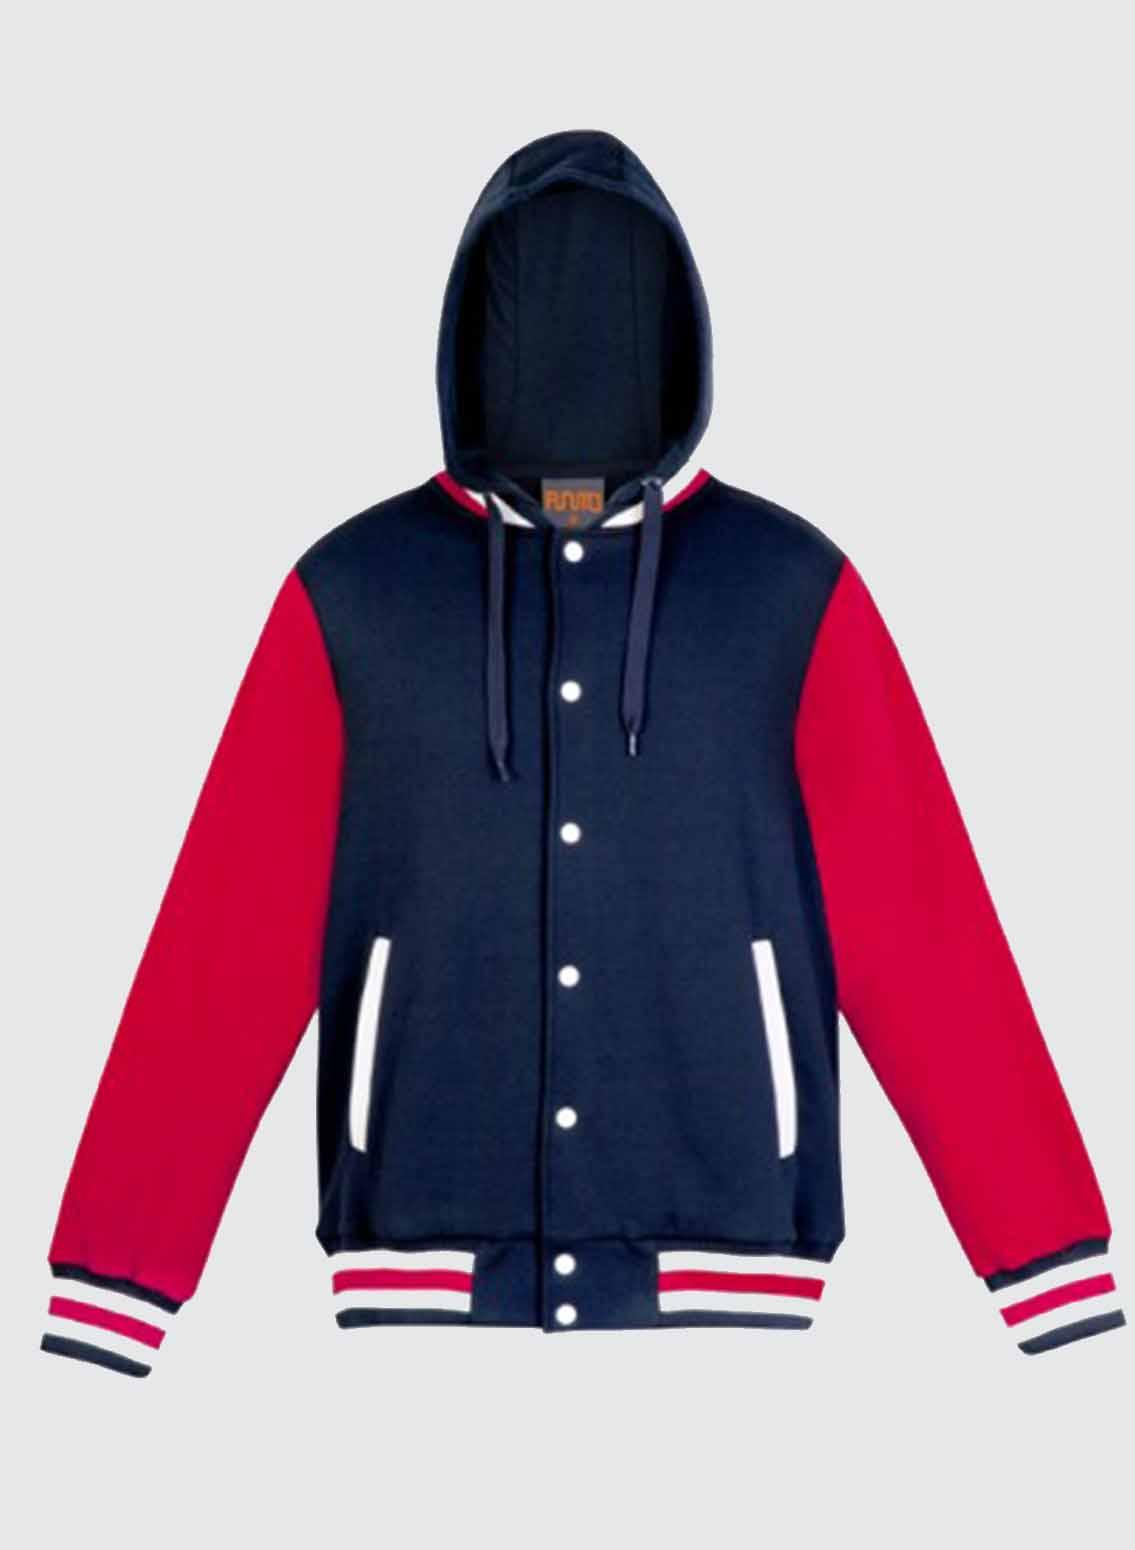 Varsity jacket with hood womens